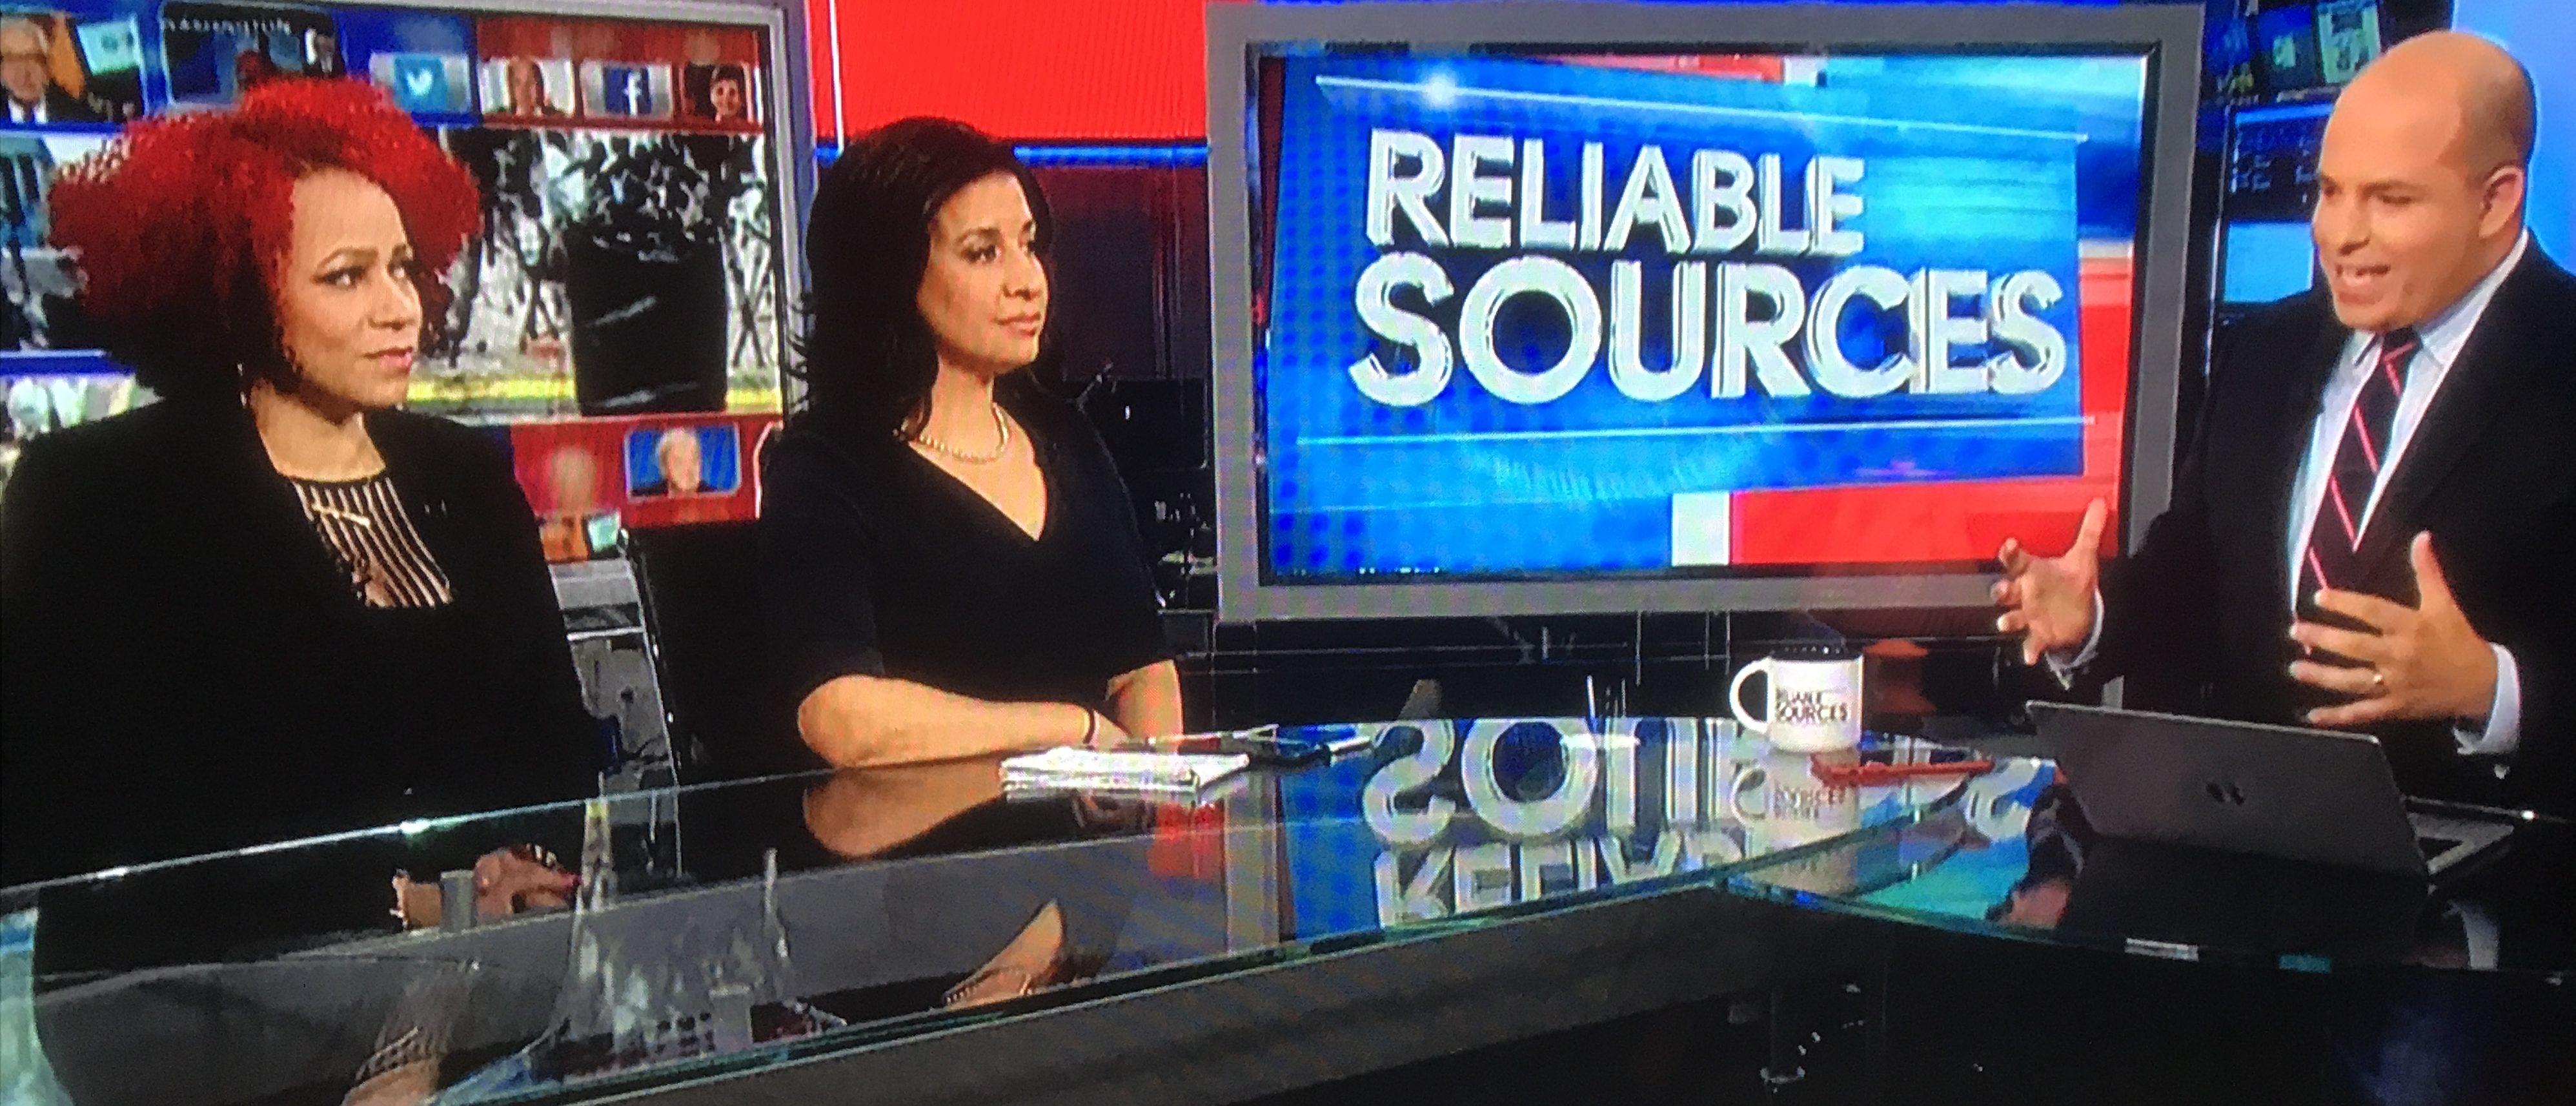 Screen shot/CNN.